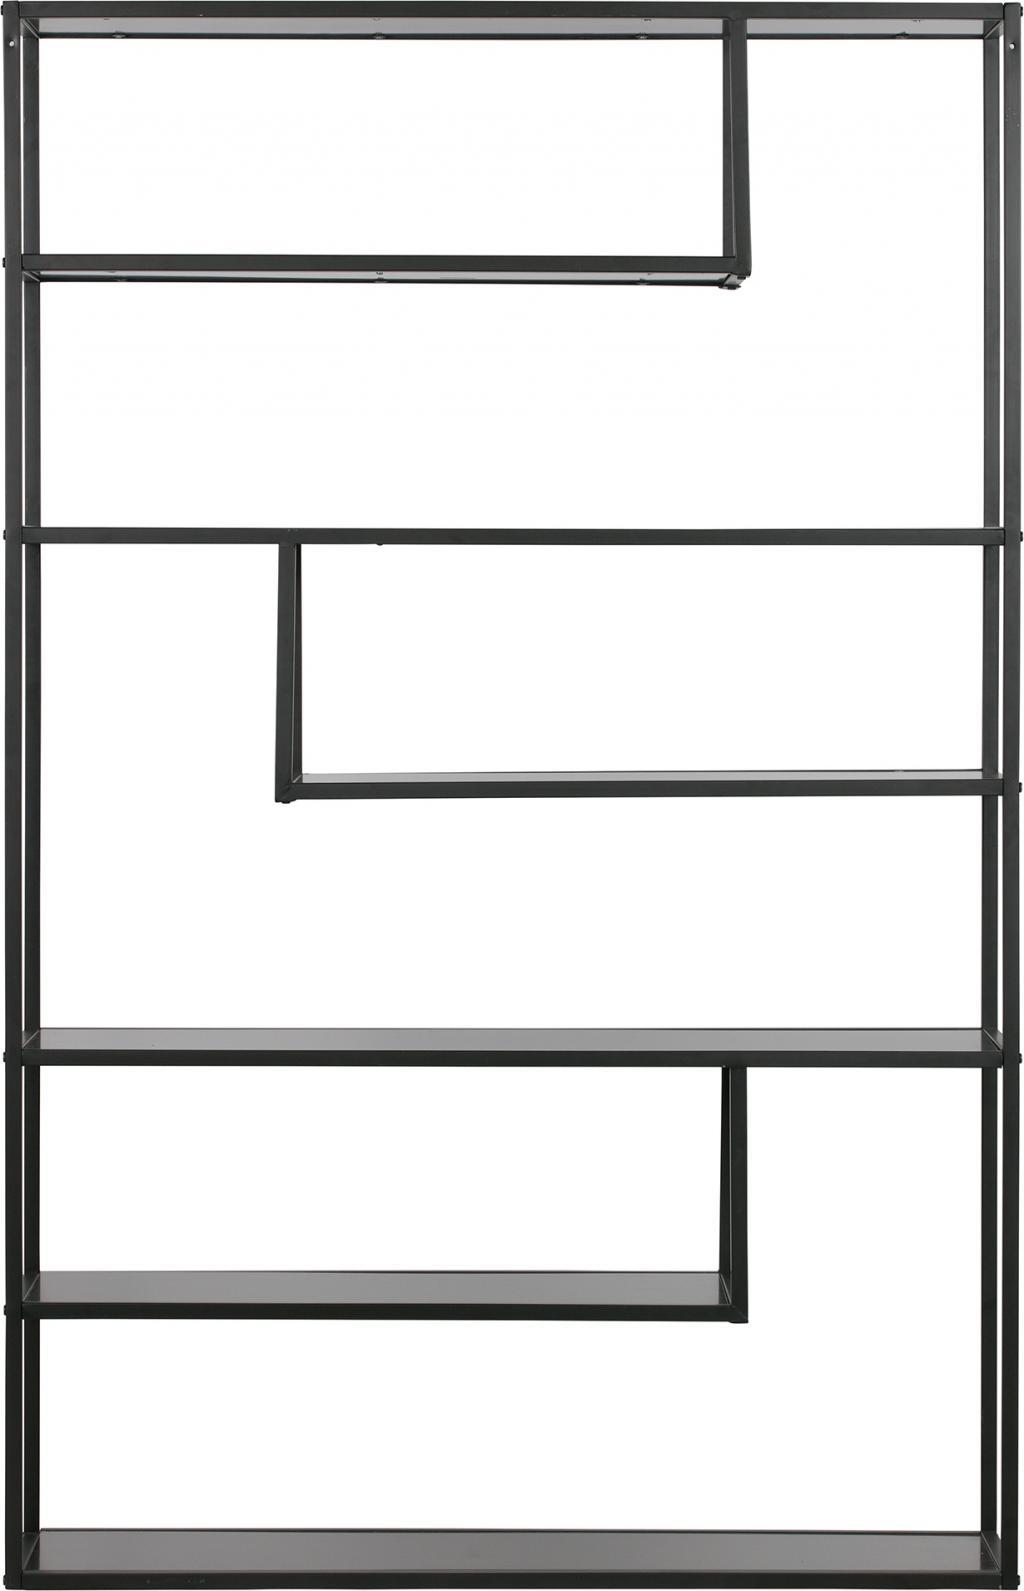 Vakkenkast Teun Xl 120 Cm Zwart Metaal Woood Lilnl